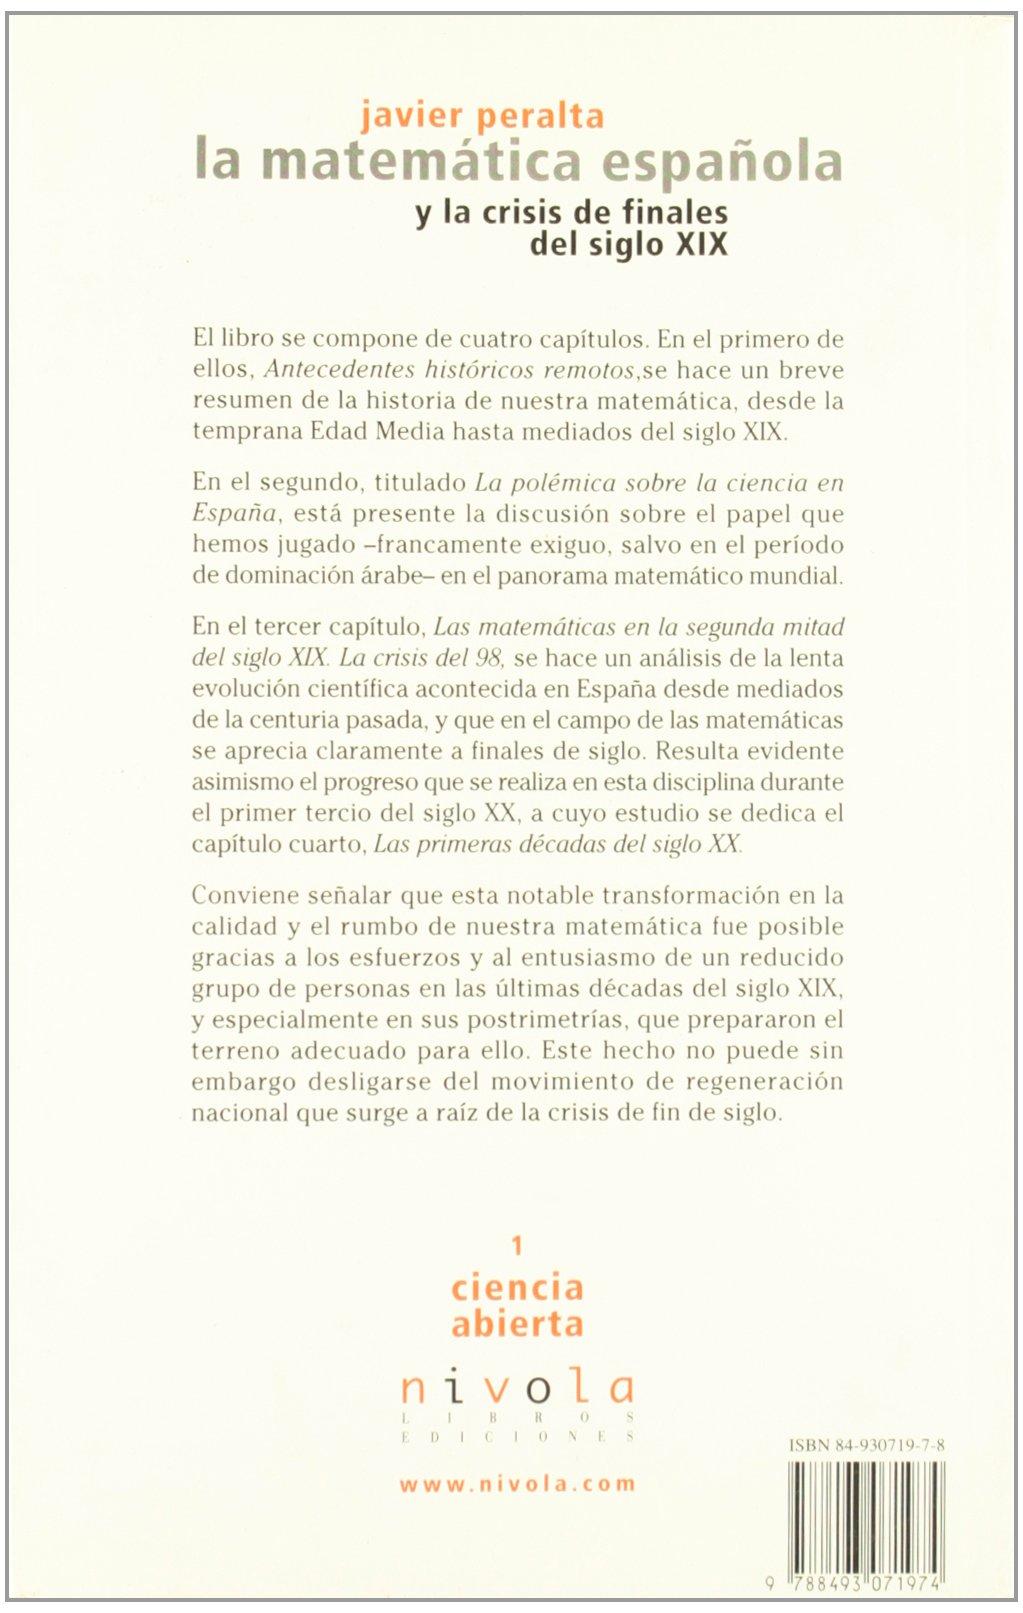 La matemática española y la crisis de finales del siglo XIX ...